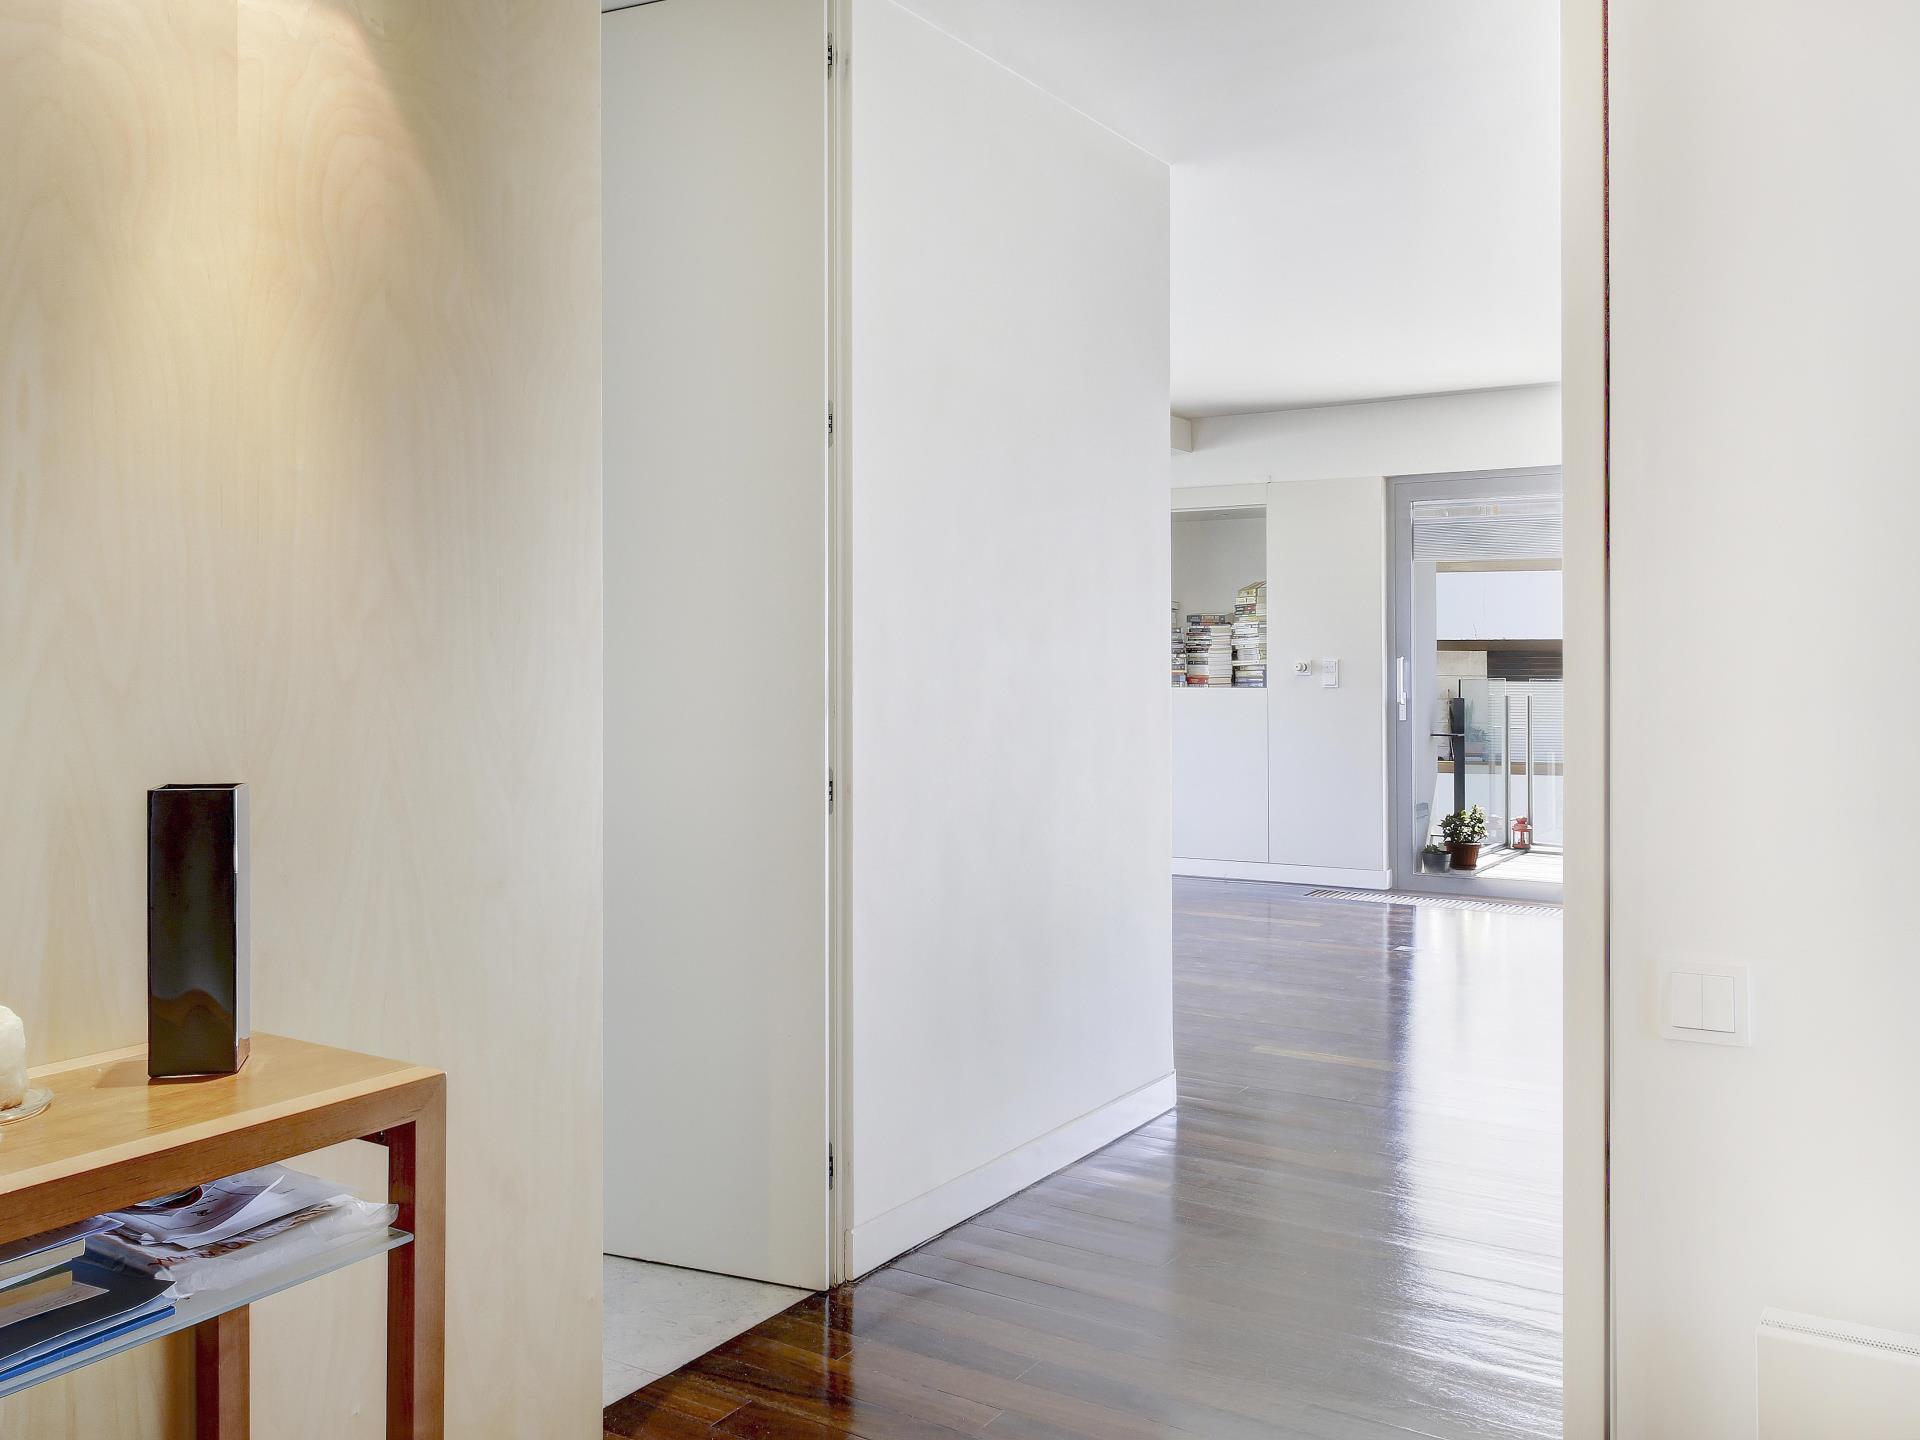 Appartamento per Vendita alle ore Flat, 3 bedrooms, for Sale Cascais, Lisbona Portogallo